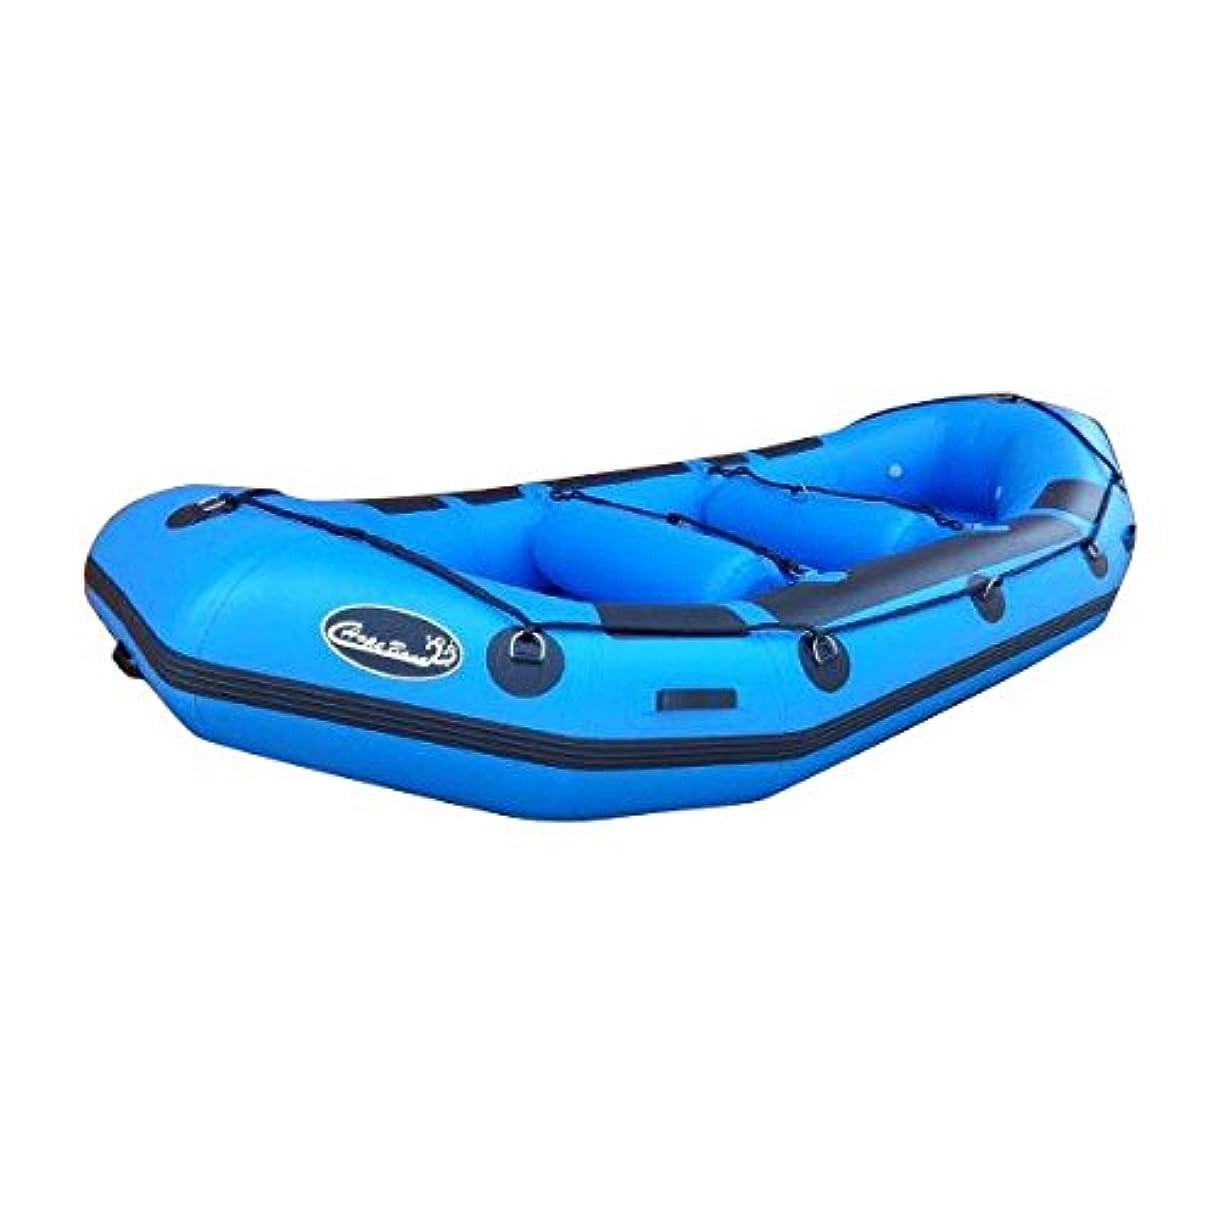 修羅場防水高揚したHOPE BOAT(ホープボート) RB-360 インフレータブル?ラフティングボート 自動排水型 6人乗り [RB-360] ヨット?ボート ボート ゴムボート